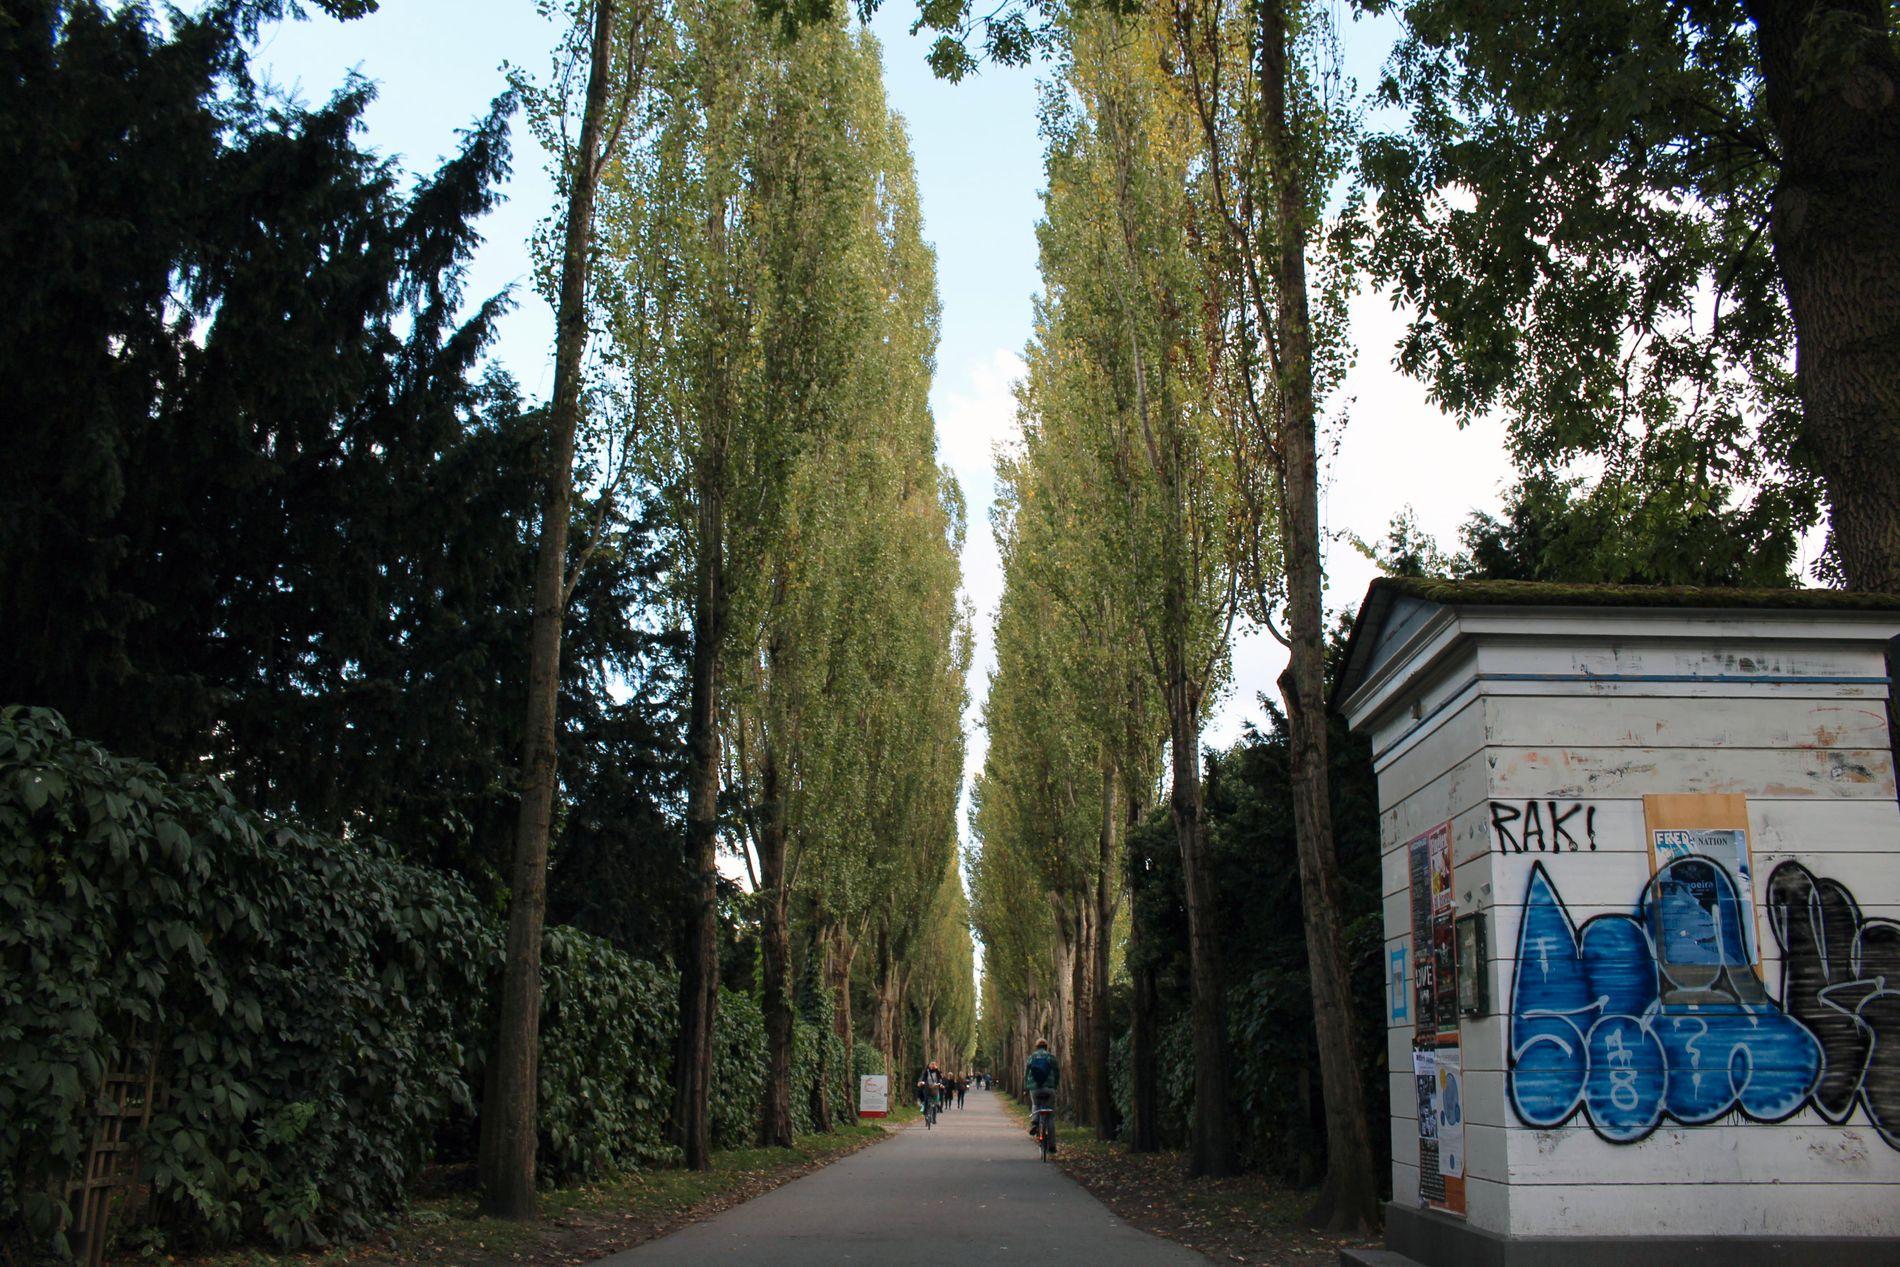 KIRKEGÅRD: Assistens kirkegård ligger i Nørrebro og brukes av københavnere daglig. Den ble tatt i bruk på midten av 1700-tallet og brukes i dag som rekreasjonsområde for turgåere og syklister. En rekke kjente personer er gravlagt her, blant dem H.C. Andersen.